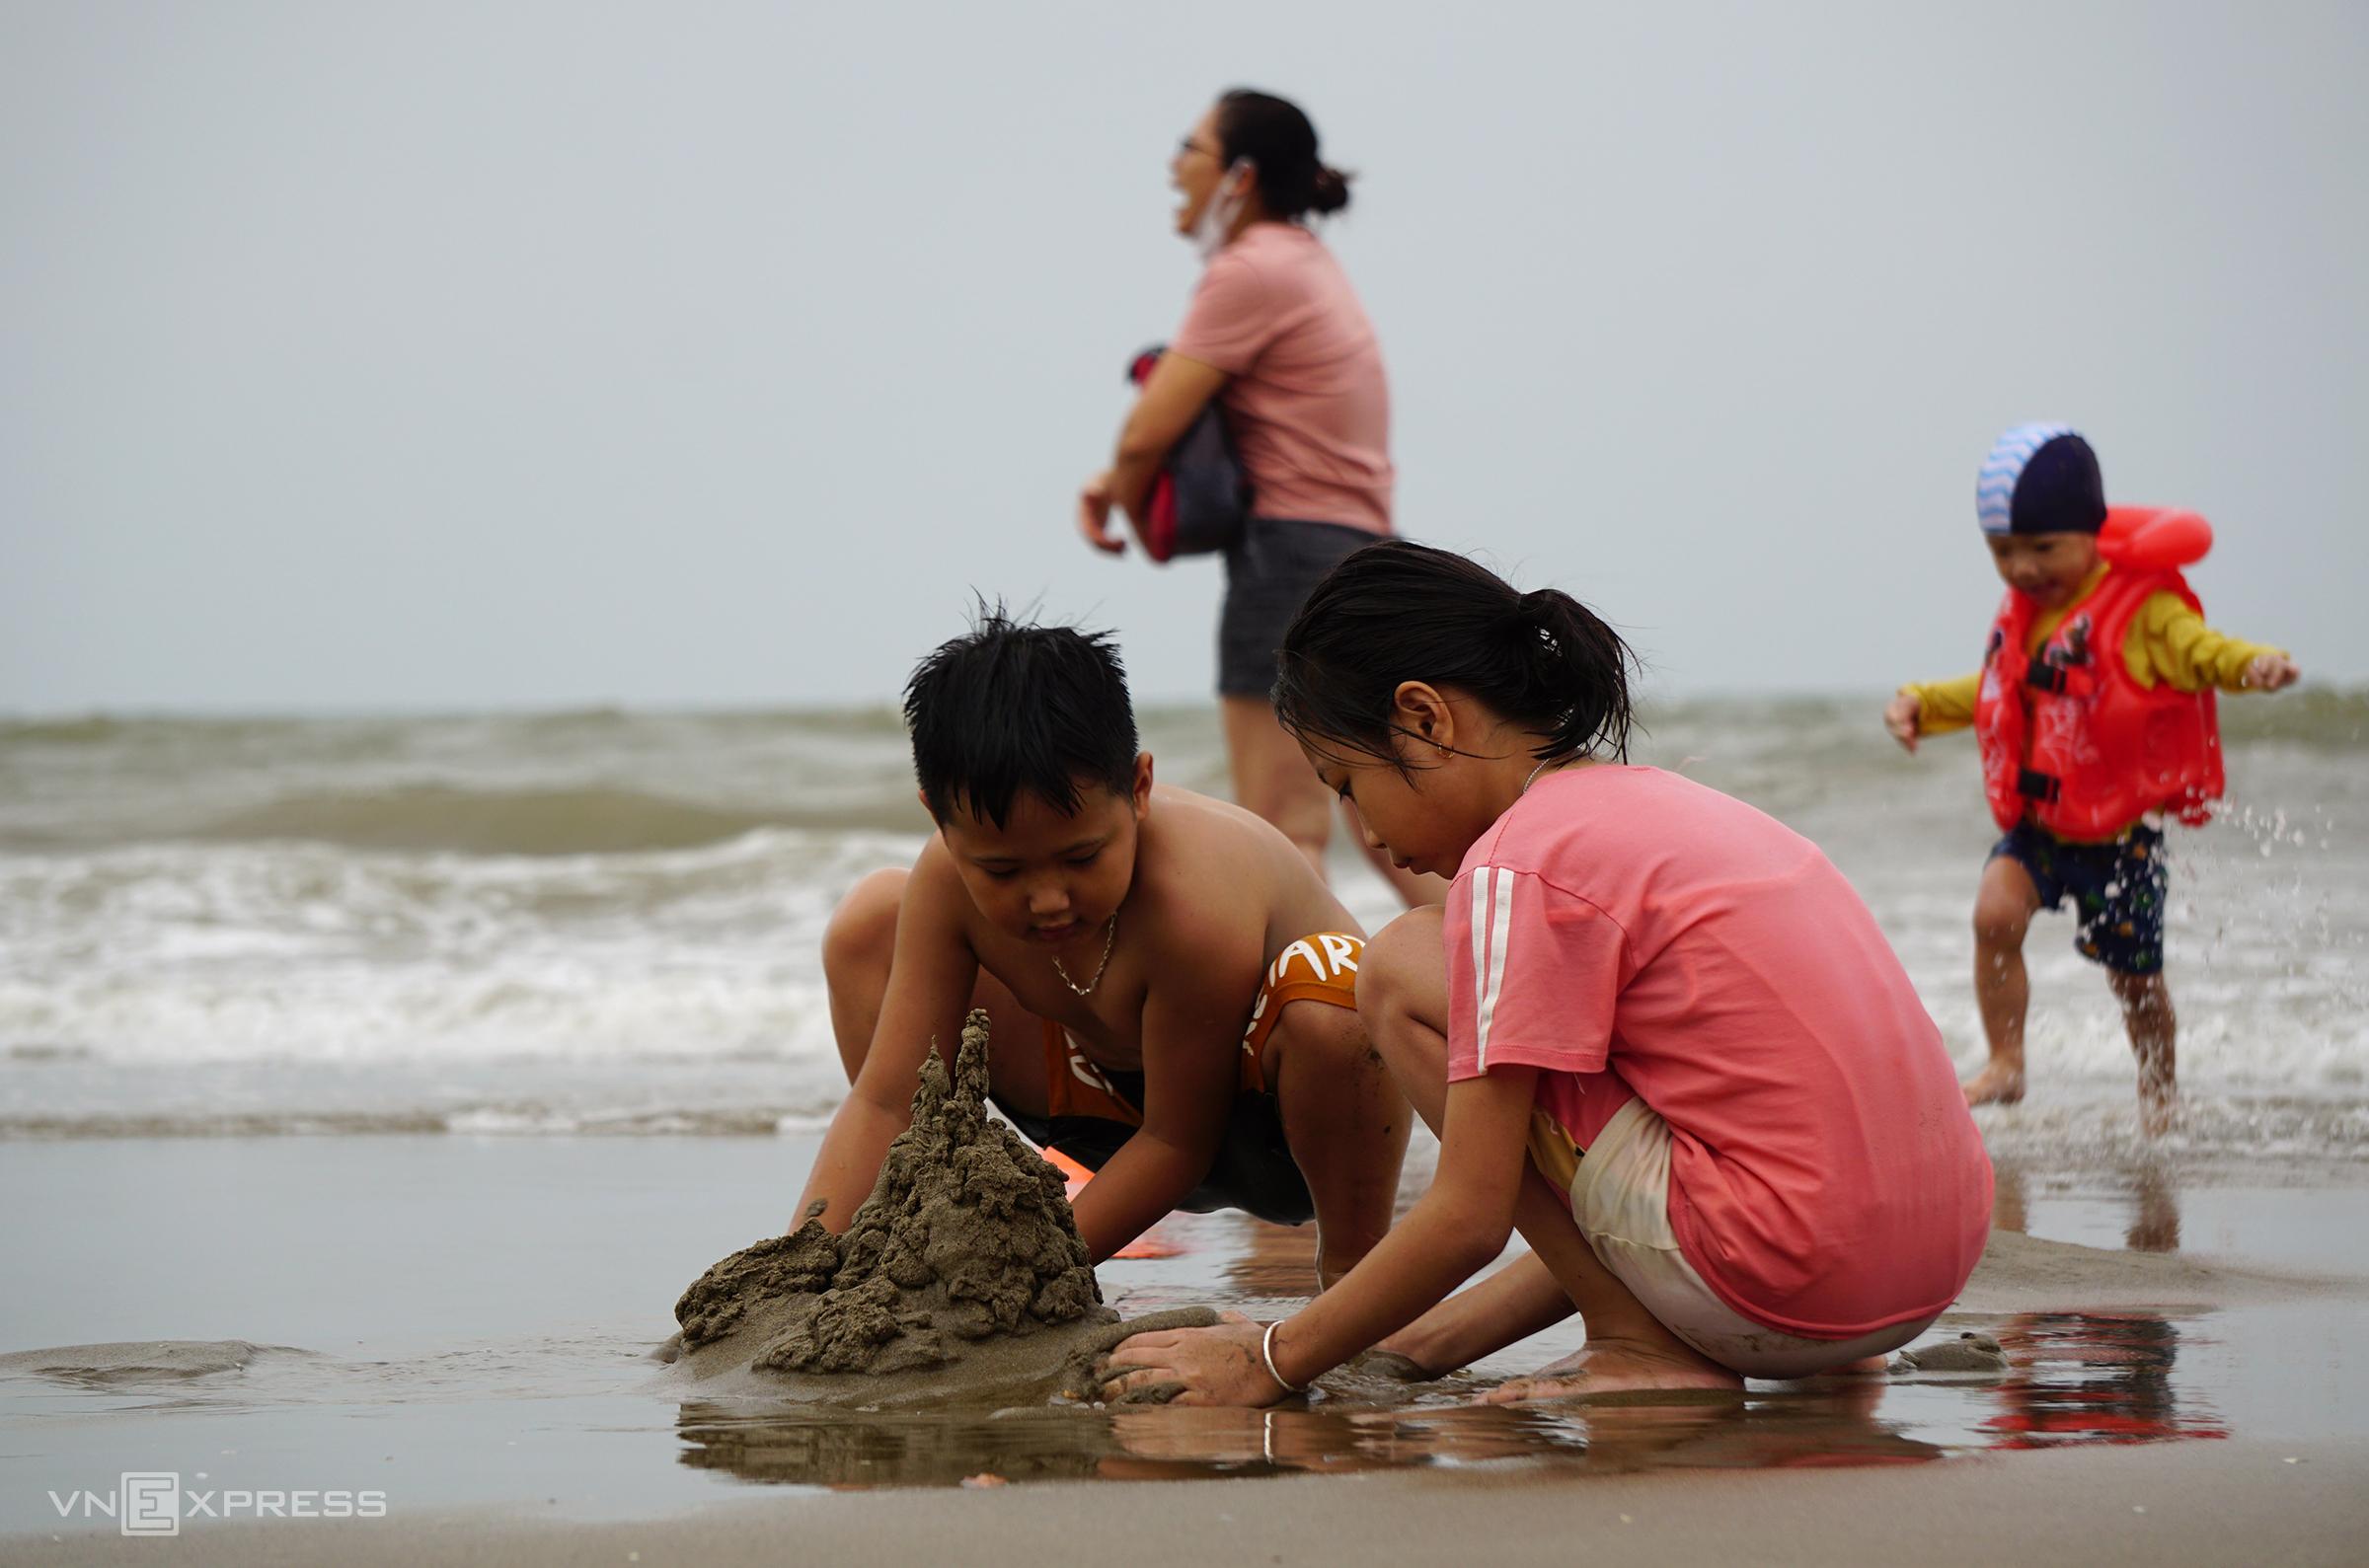 Du khách và người dân sẽ không được tắm biển Sầm Sơn từ 12h ngày 26/8. Ảnh: Lê Hoàng.